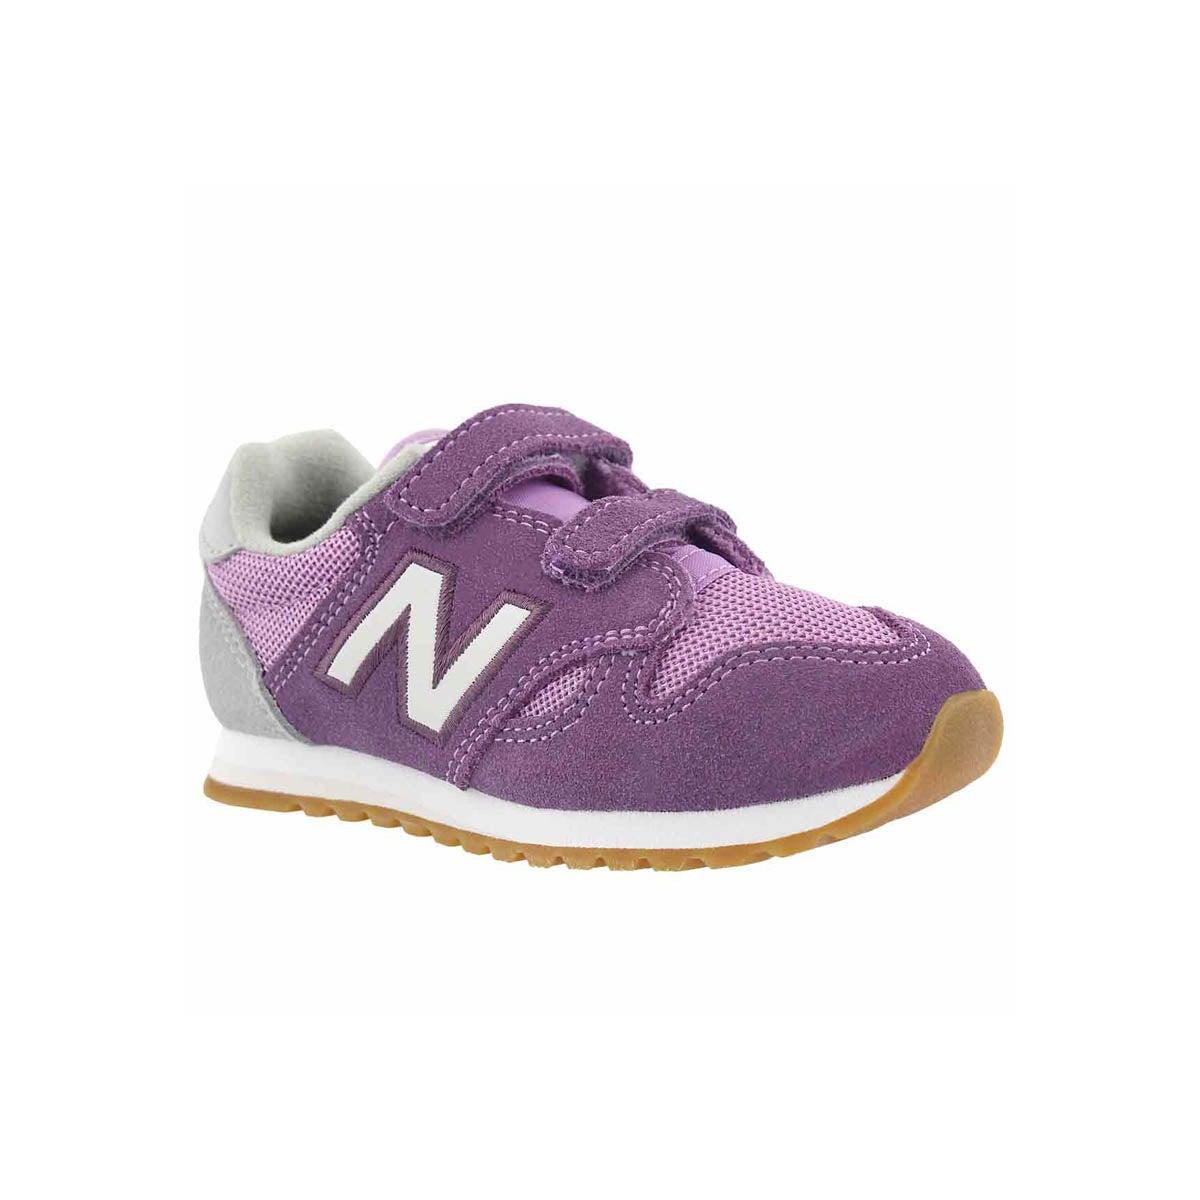 Infants' 520 purple/white sneakers